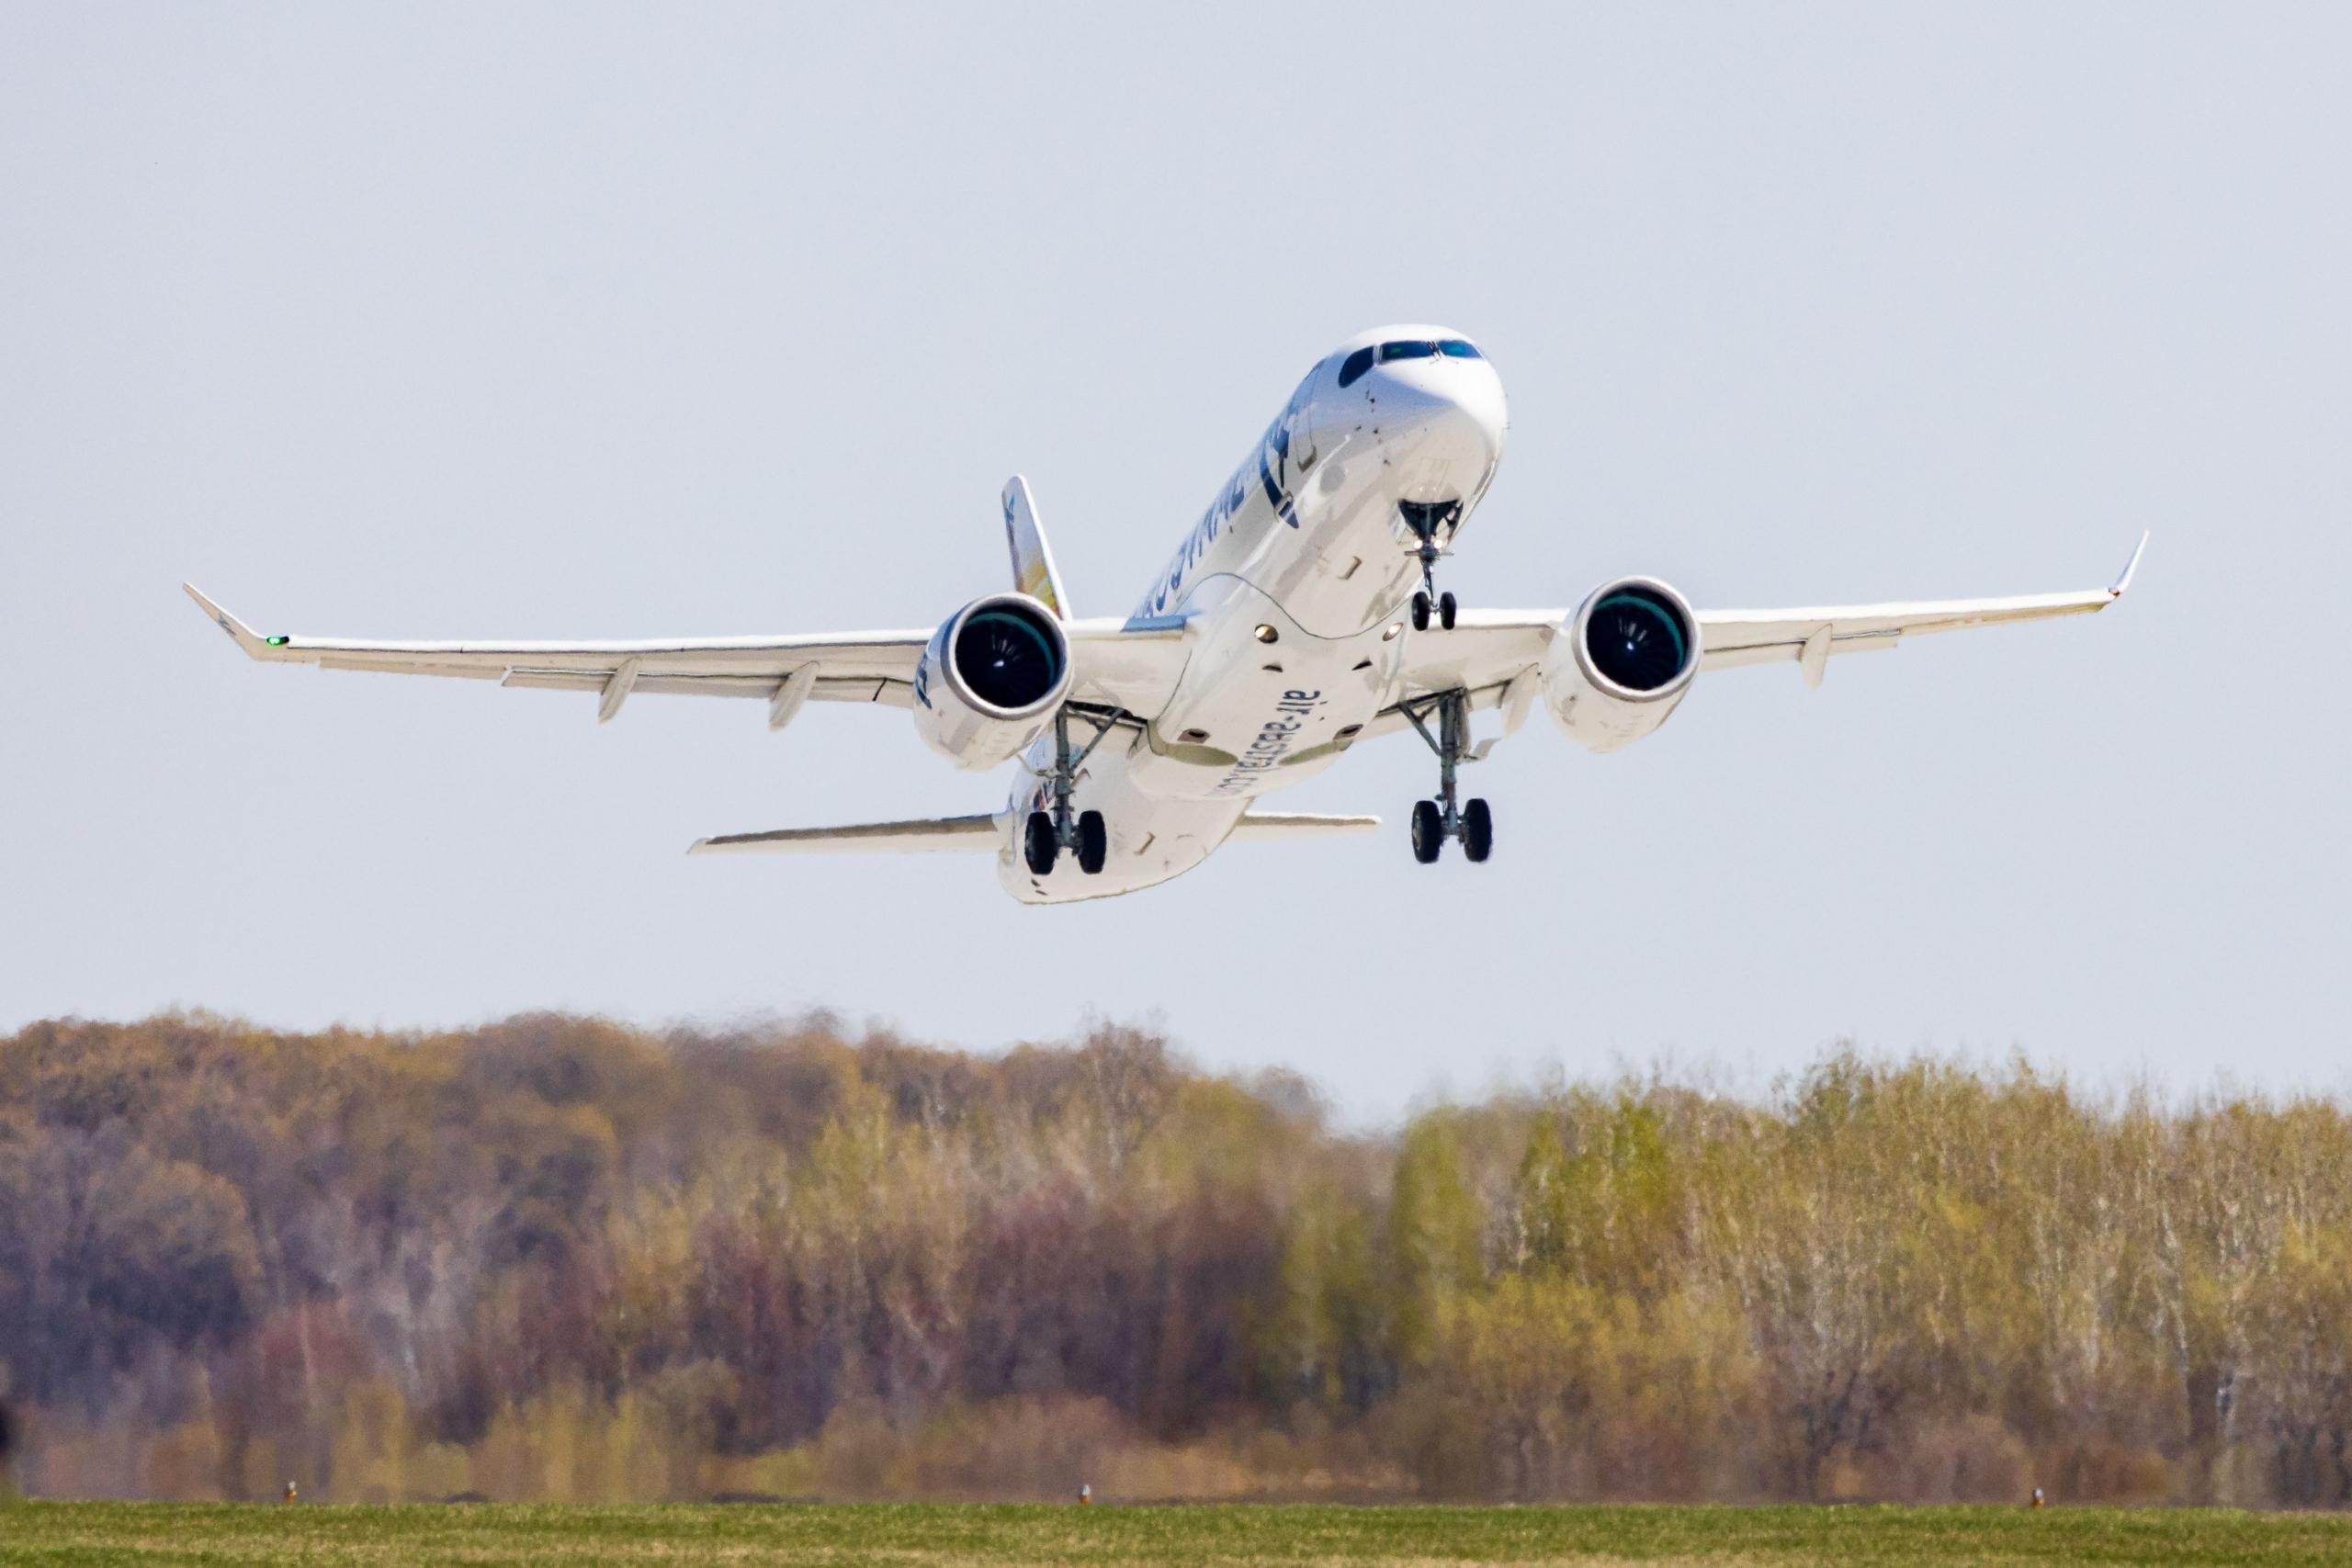 1st A220 Air Austral Takeoff